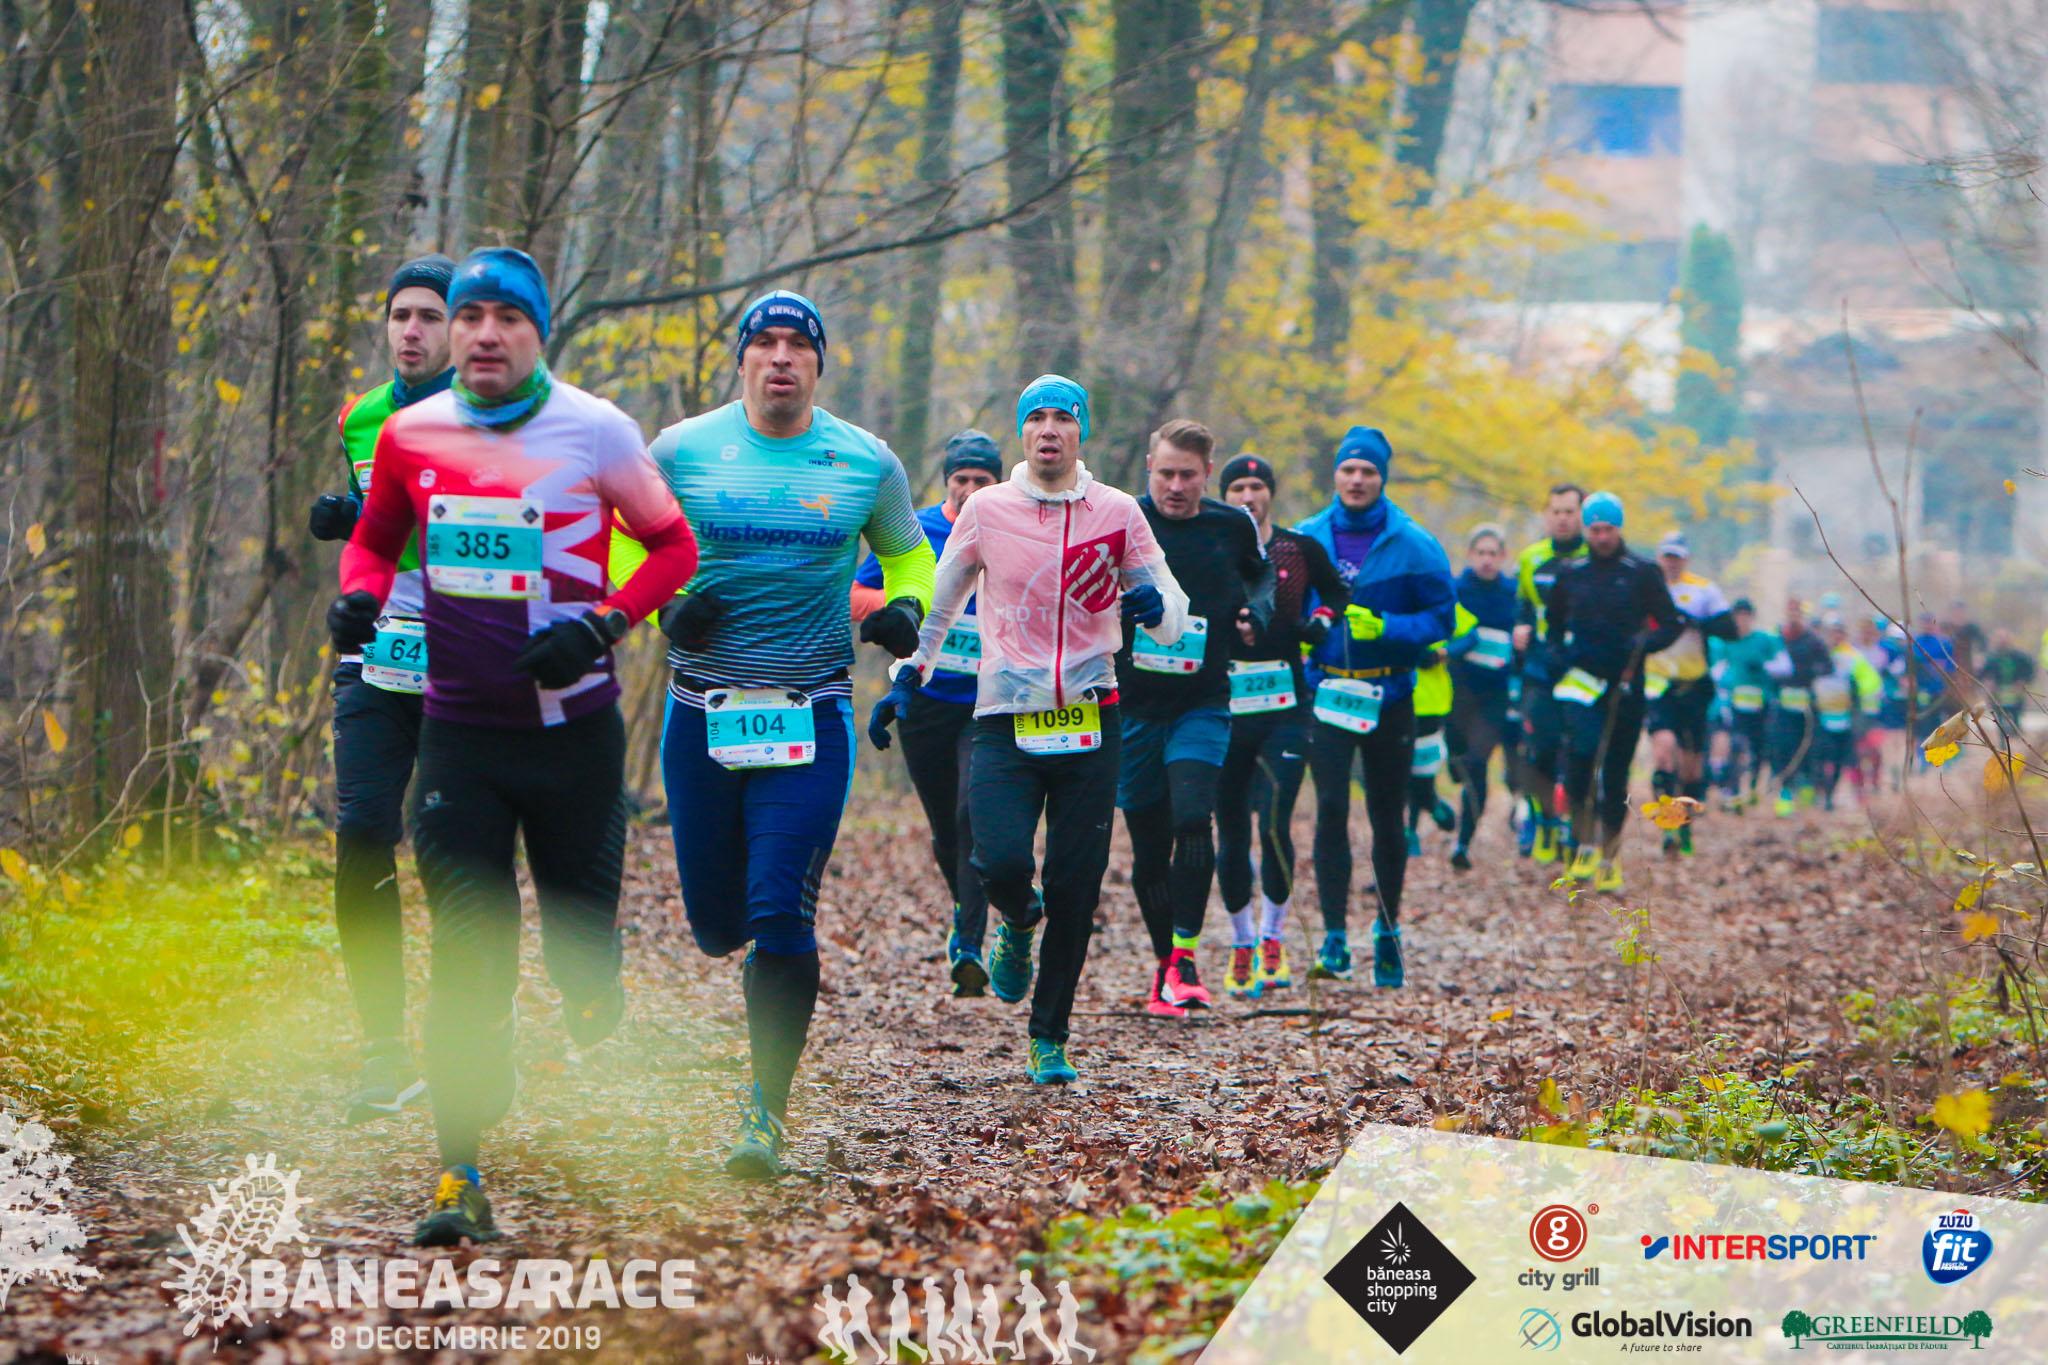 Unstoppable la Baneasa Race 2019 - editia de iarna